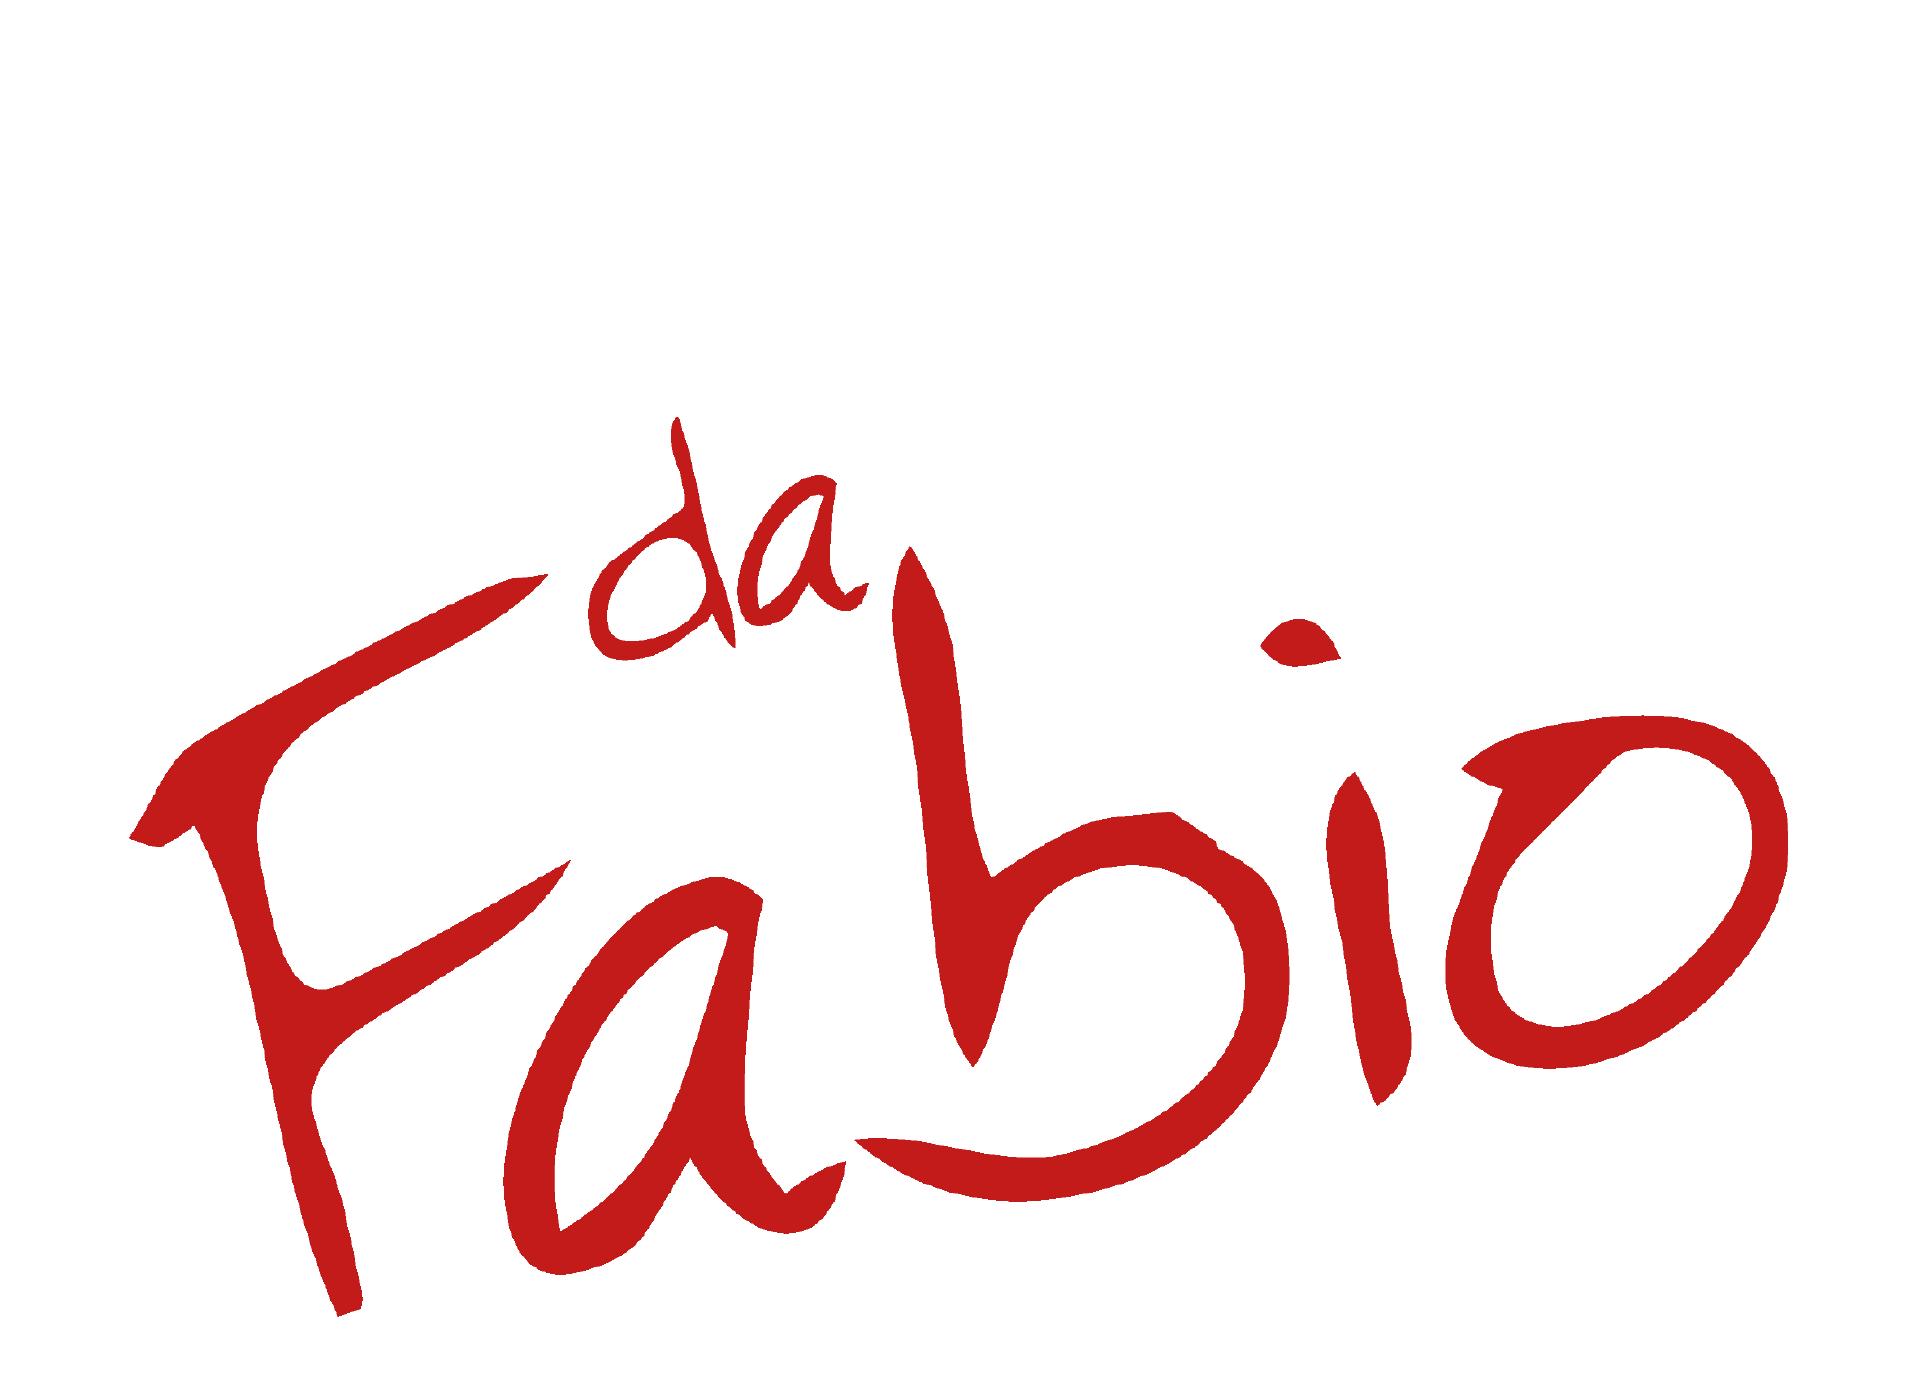 Logo-Catering-Da-Fabio